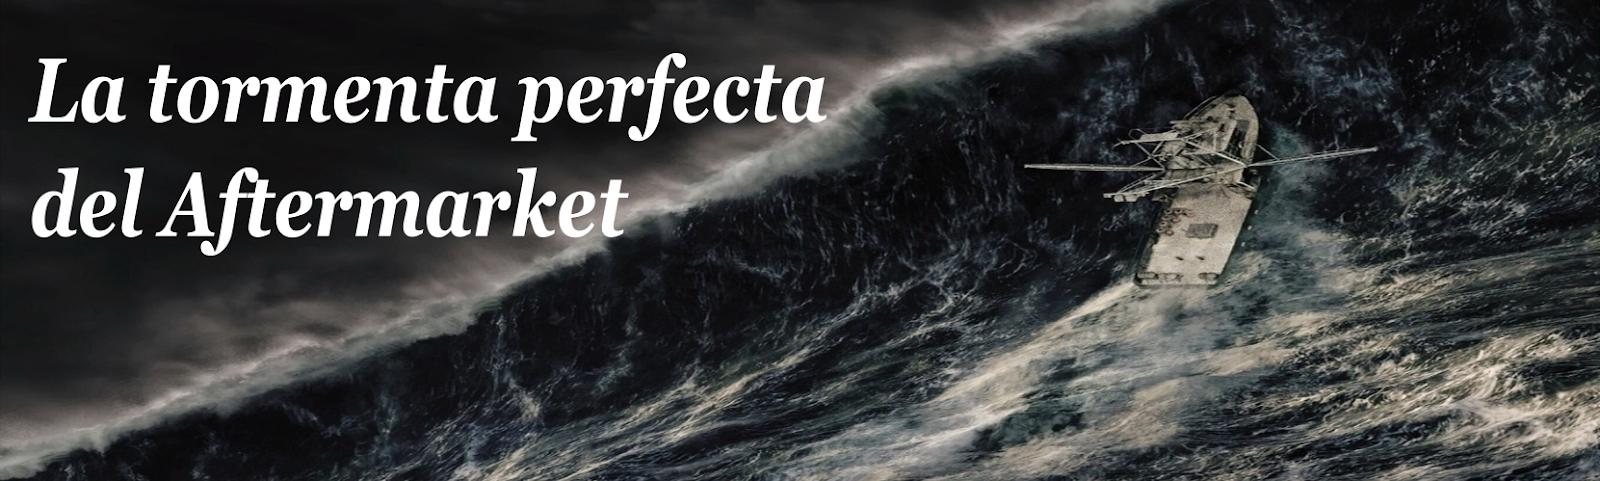 La tormenta perfecta del Aftermarket